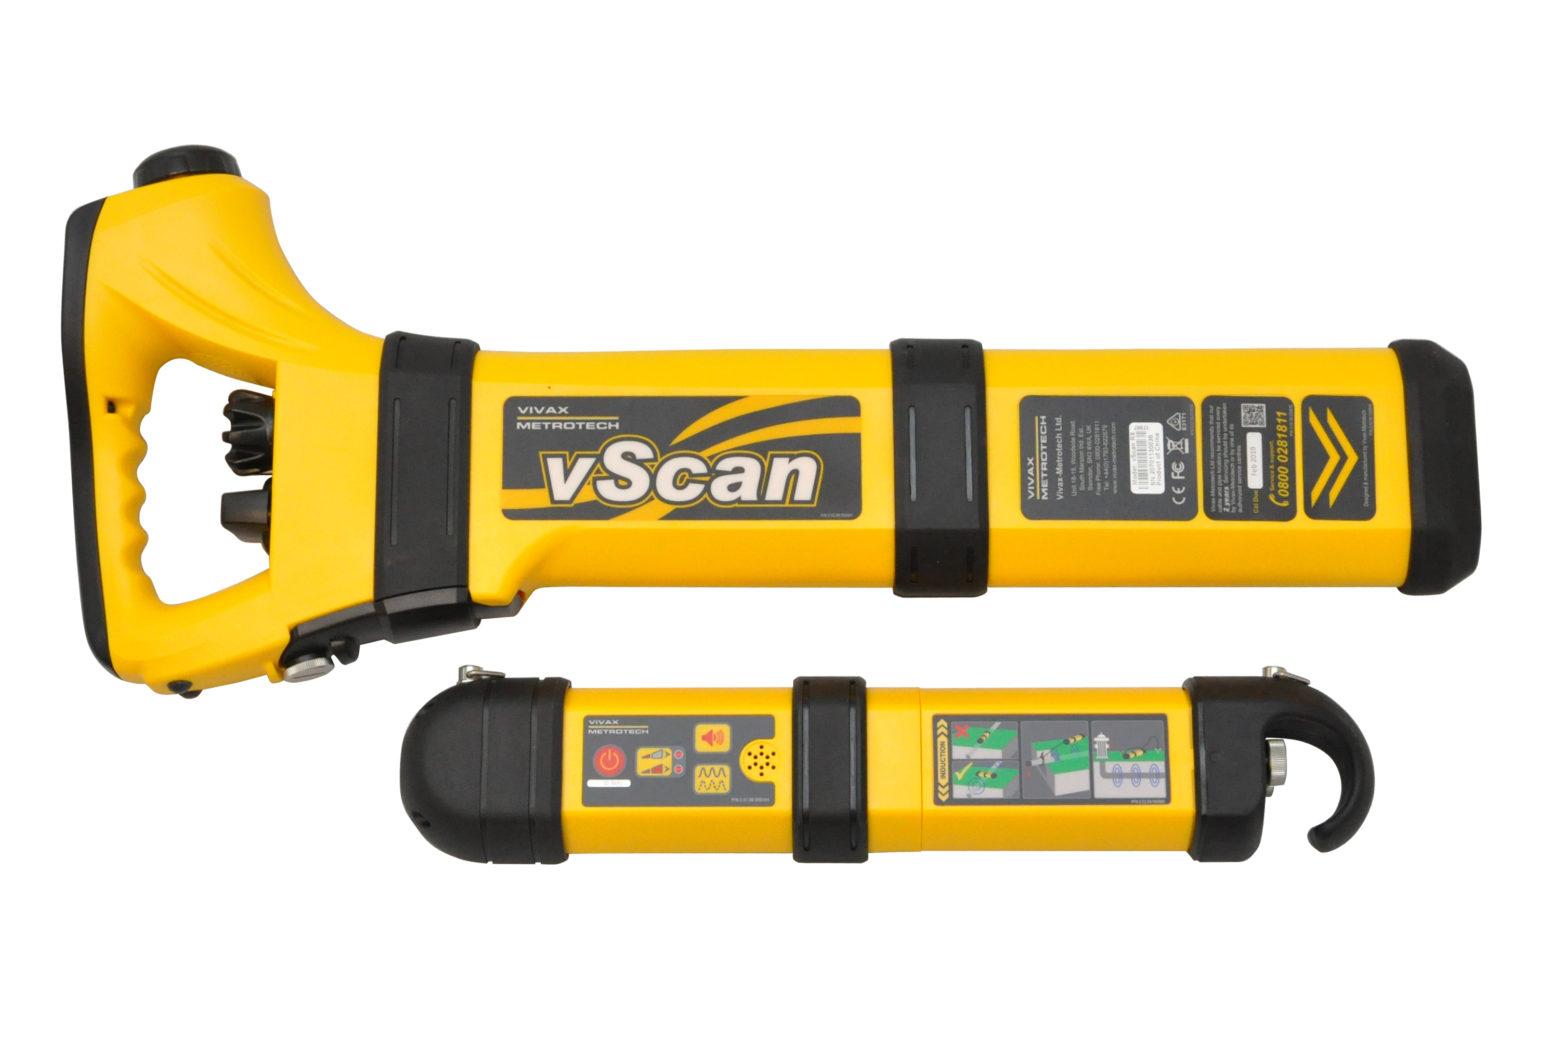 vScan